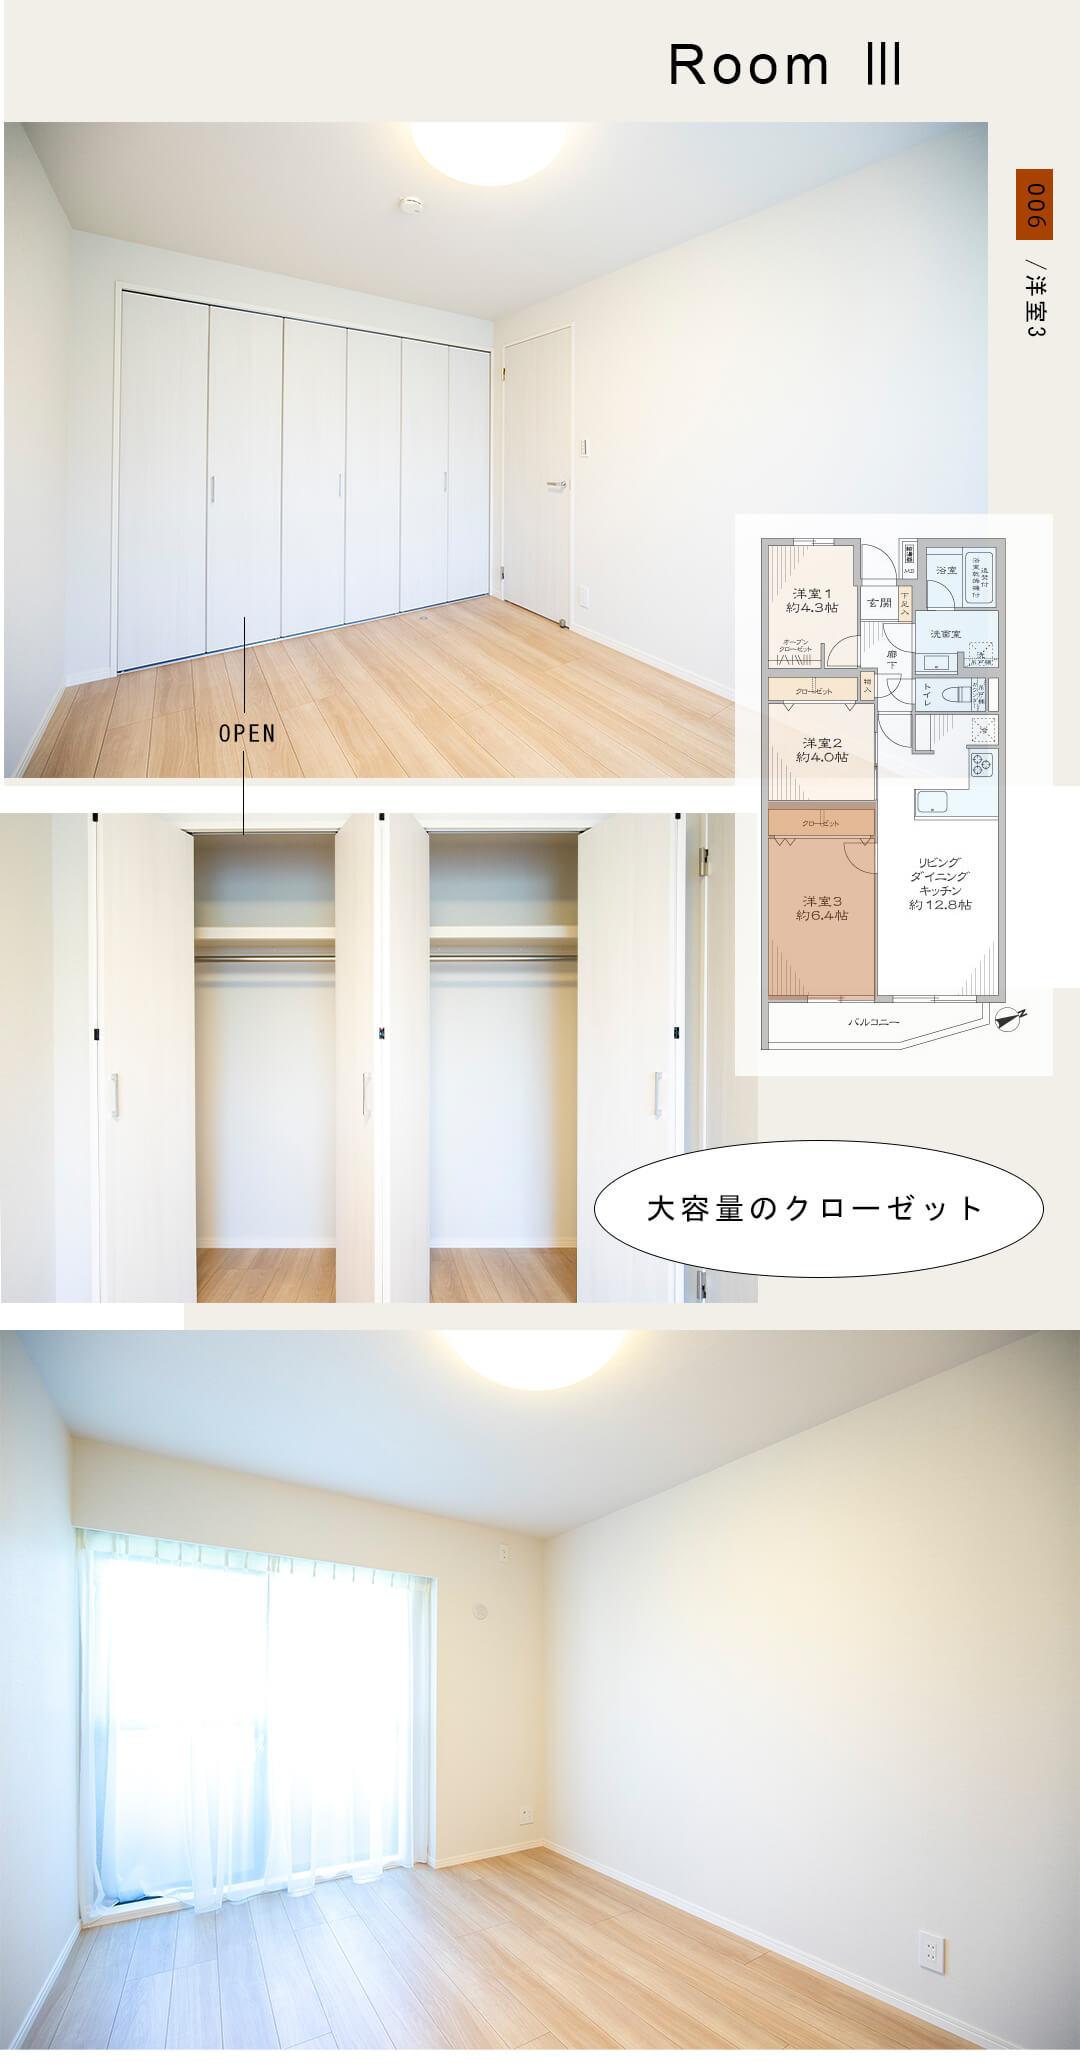 006洋室3,Room Ⅲ